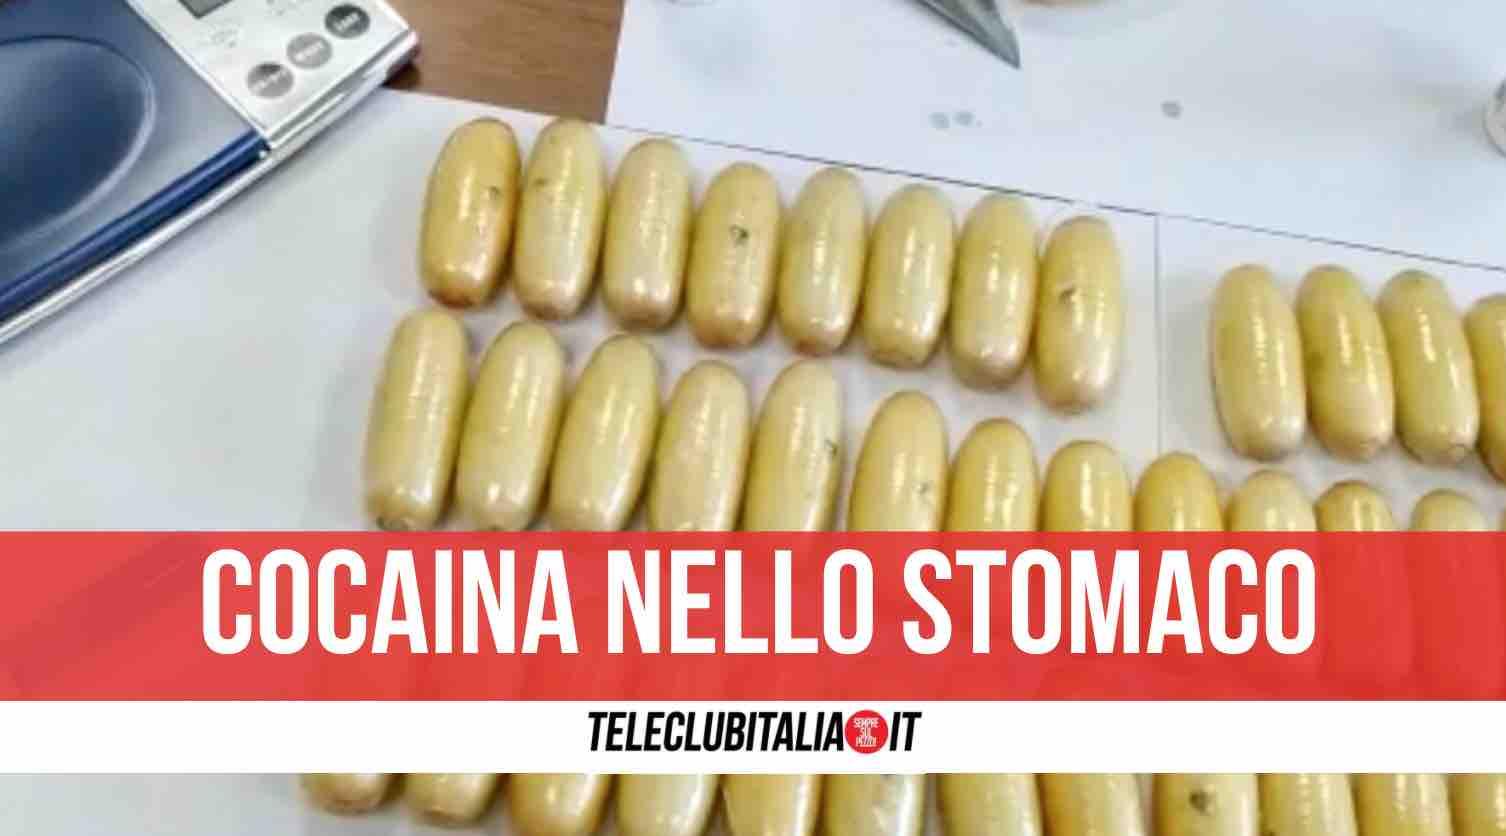 napoli arresto cocaina nell'addome